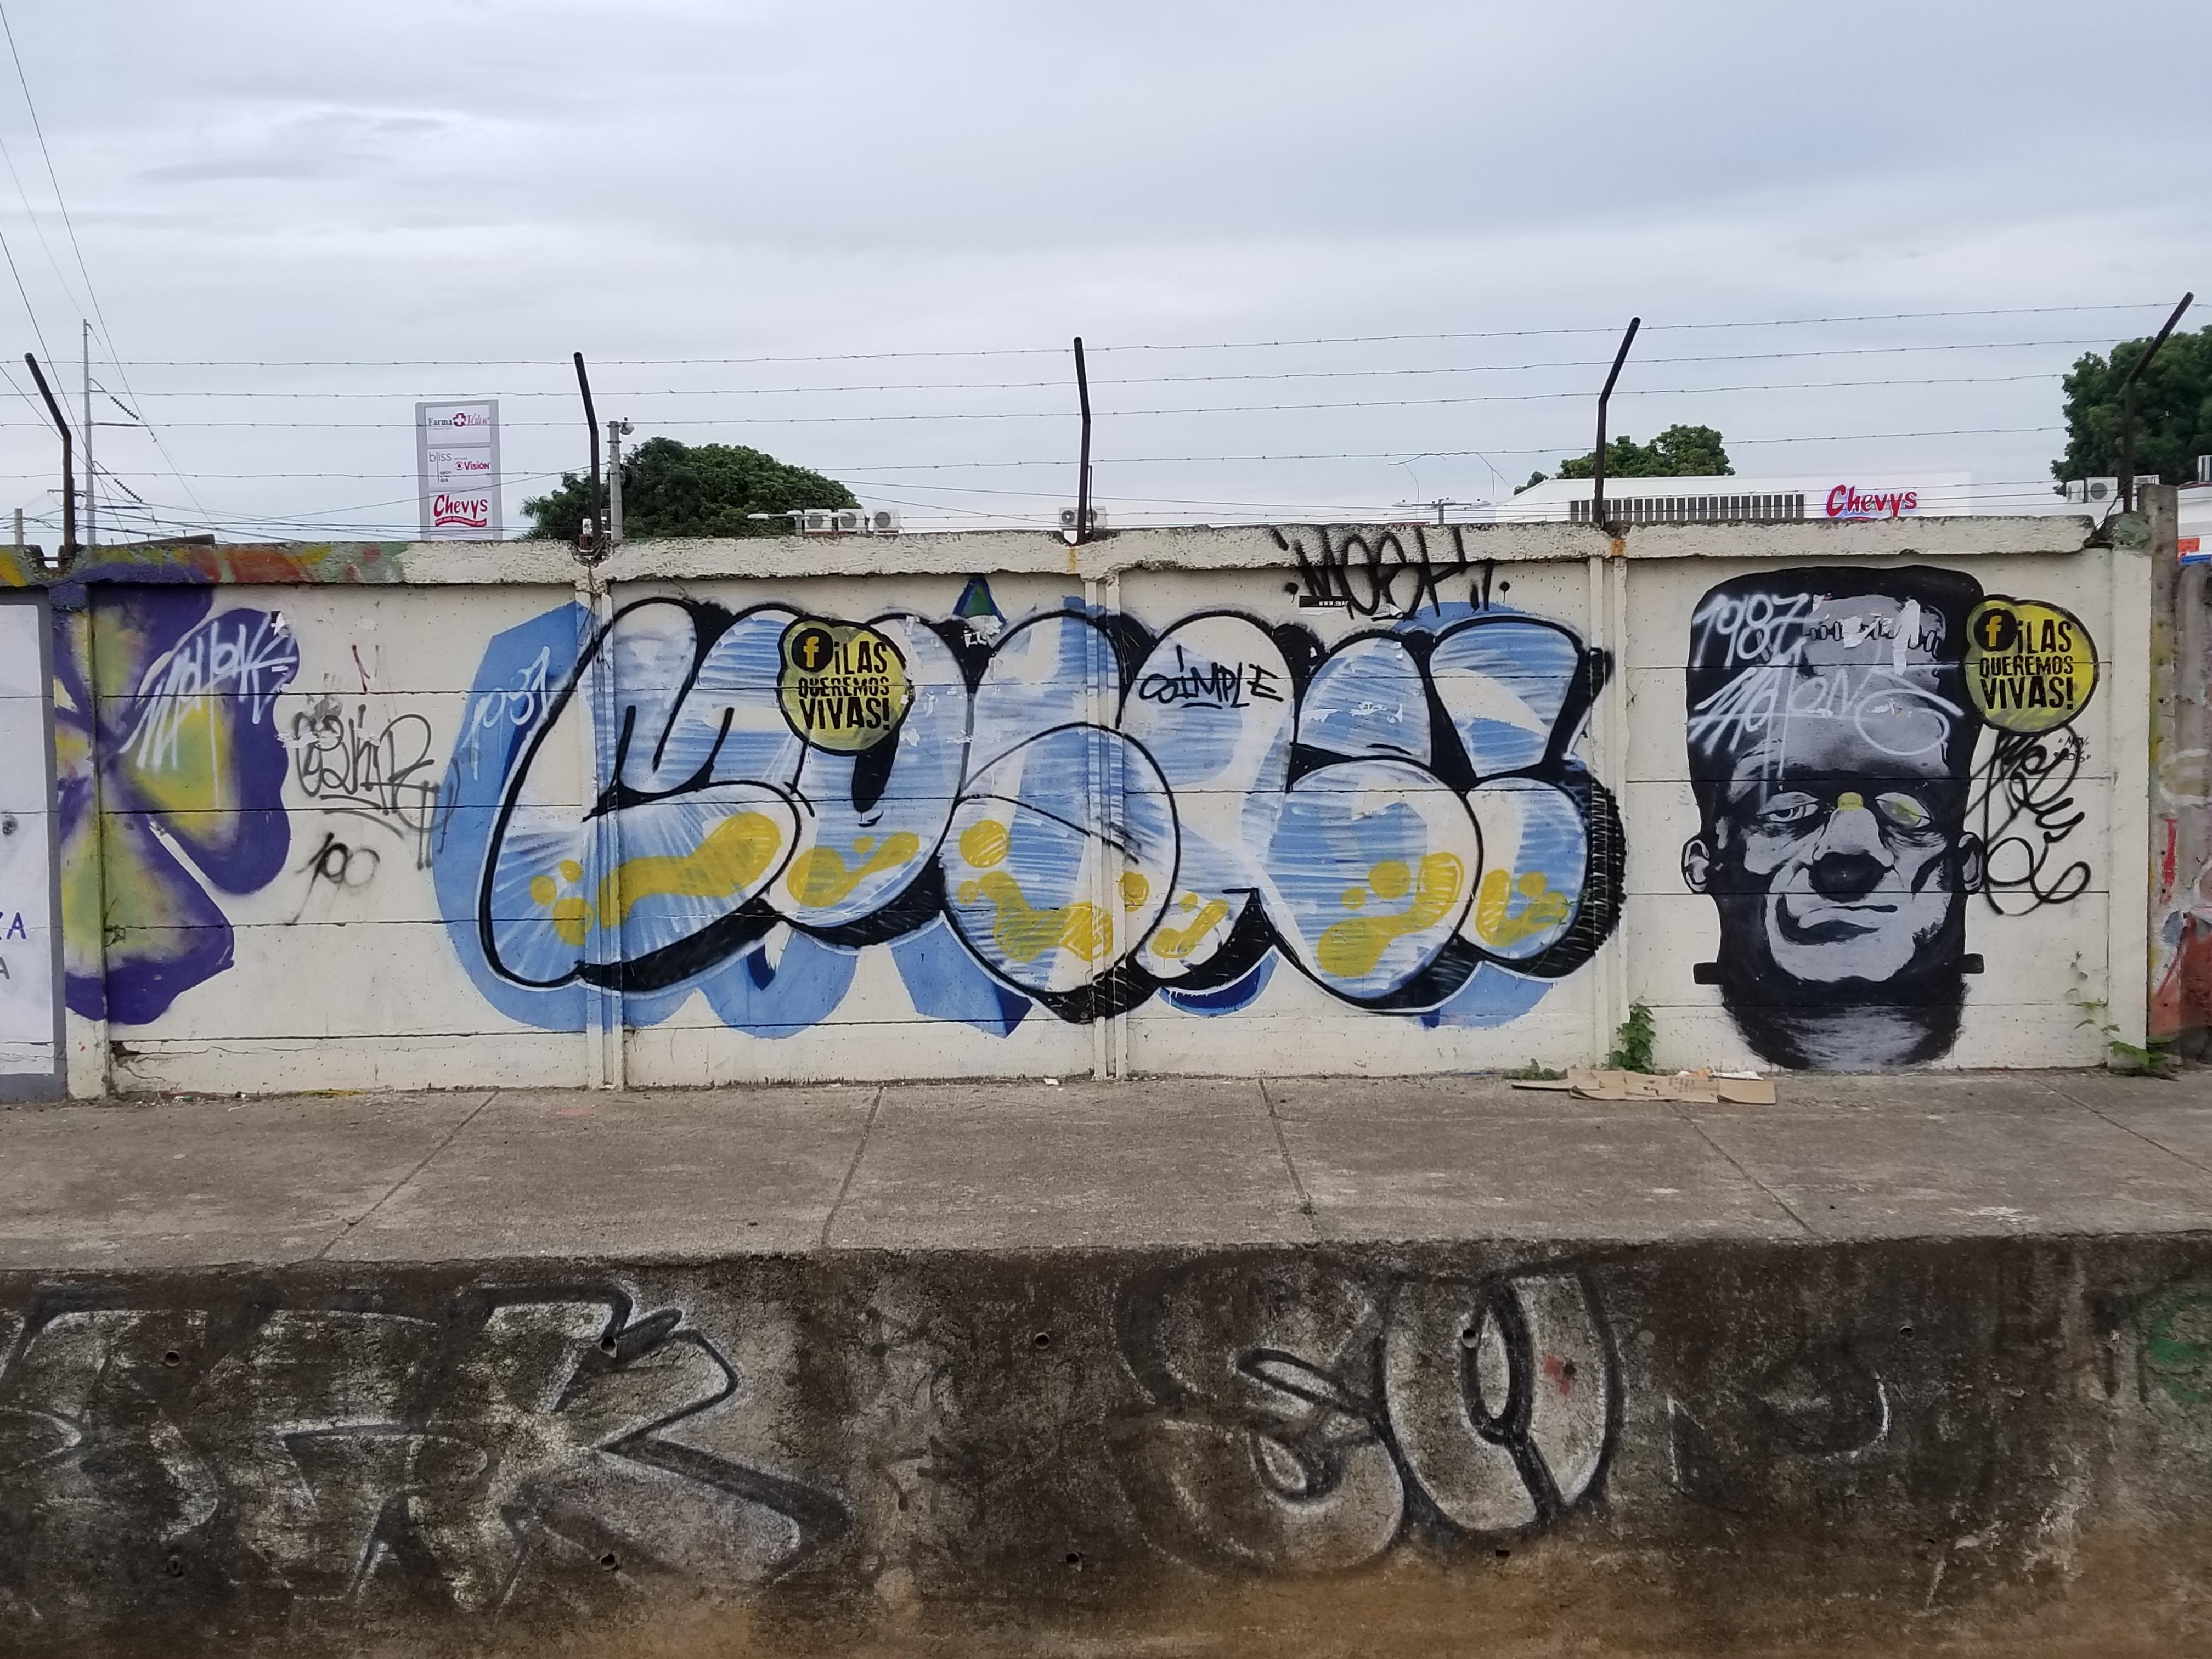 20170903_frakenstein_near_a_canal_street_managua, nicaragua (1)